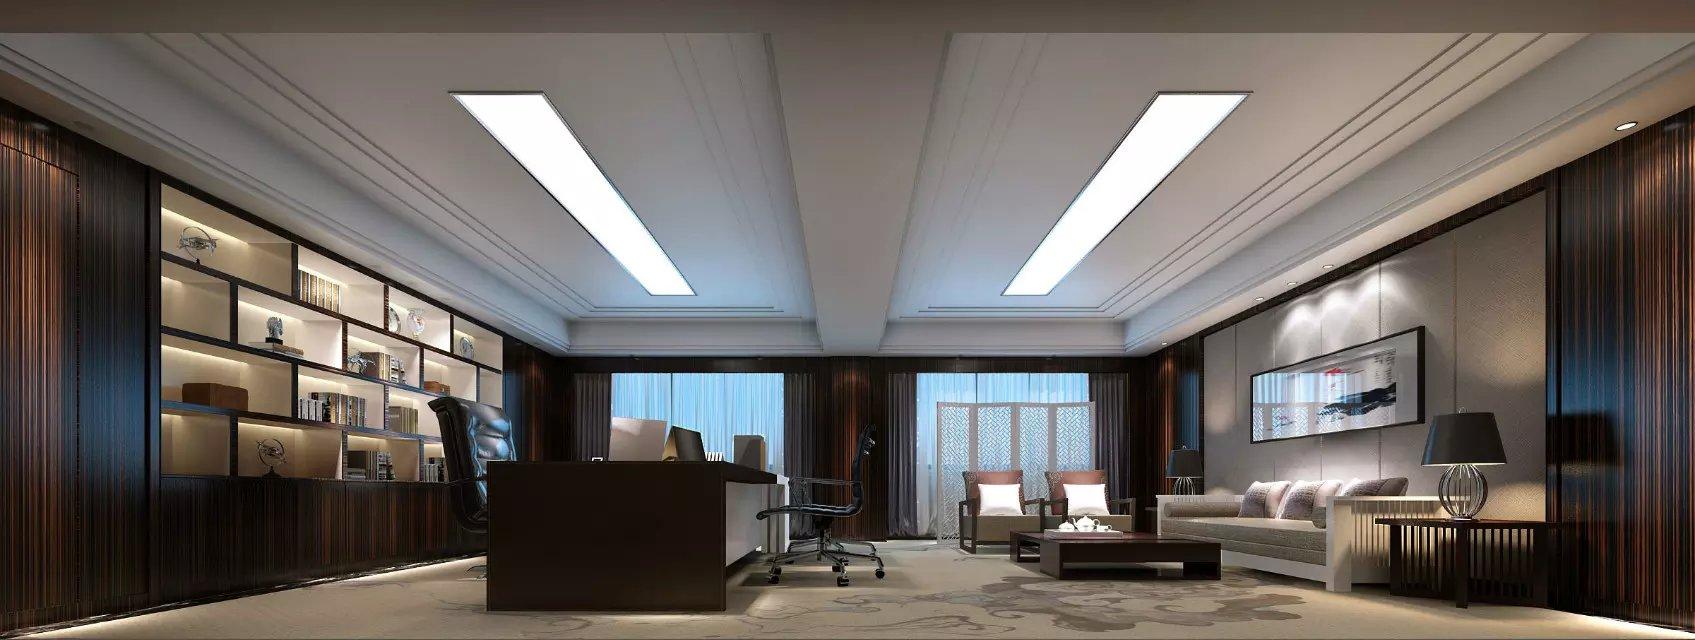 中式简约风格办公室装修图_装修图片-保障网装修效果图